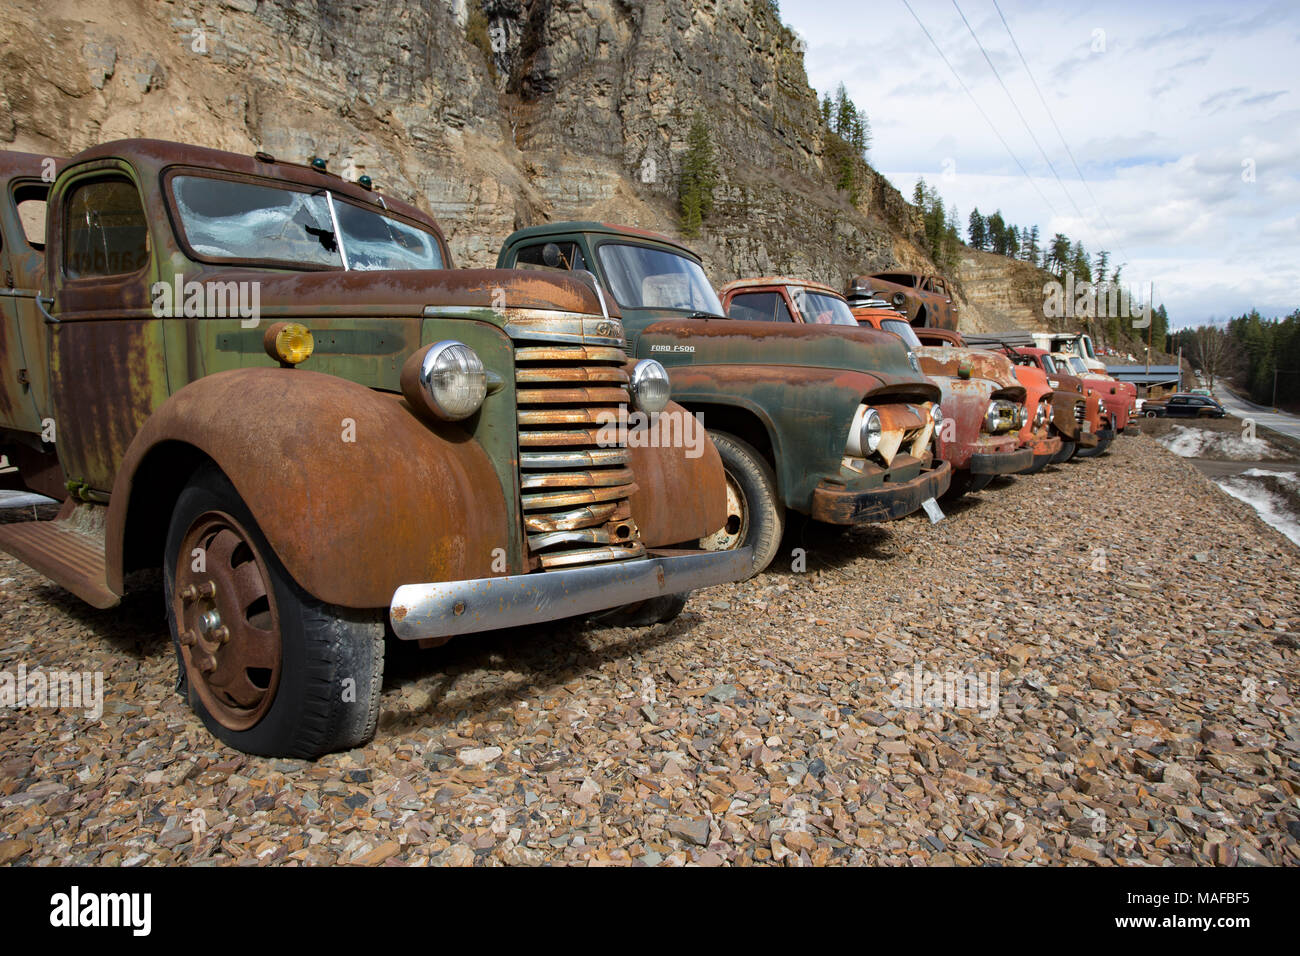 Un camión de trabajo GMC 1939, en una línea de los viejos camiones, en una antigua cantera de piedra, al este de Idaho Clark Fork. Foto de stock